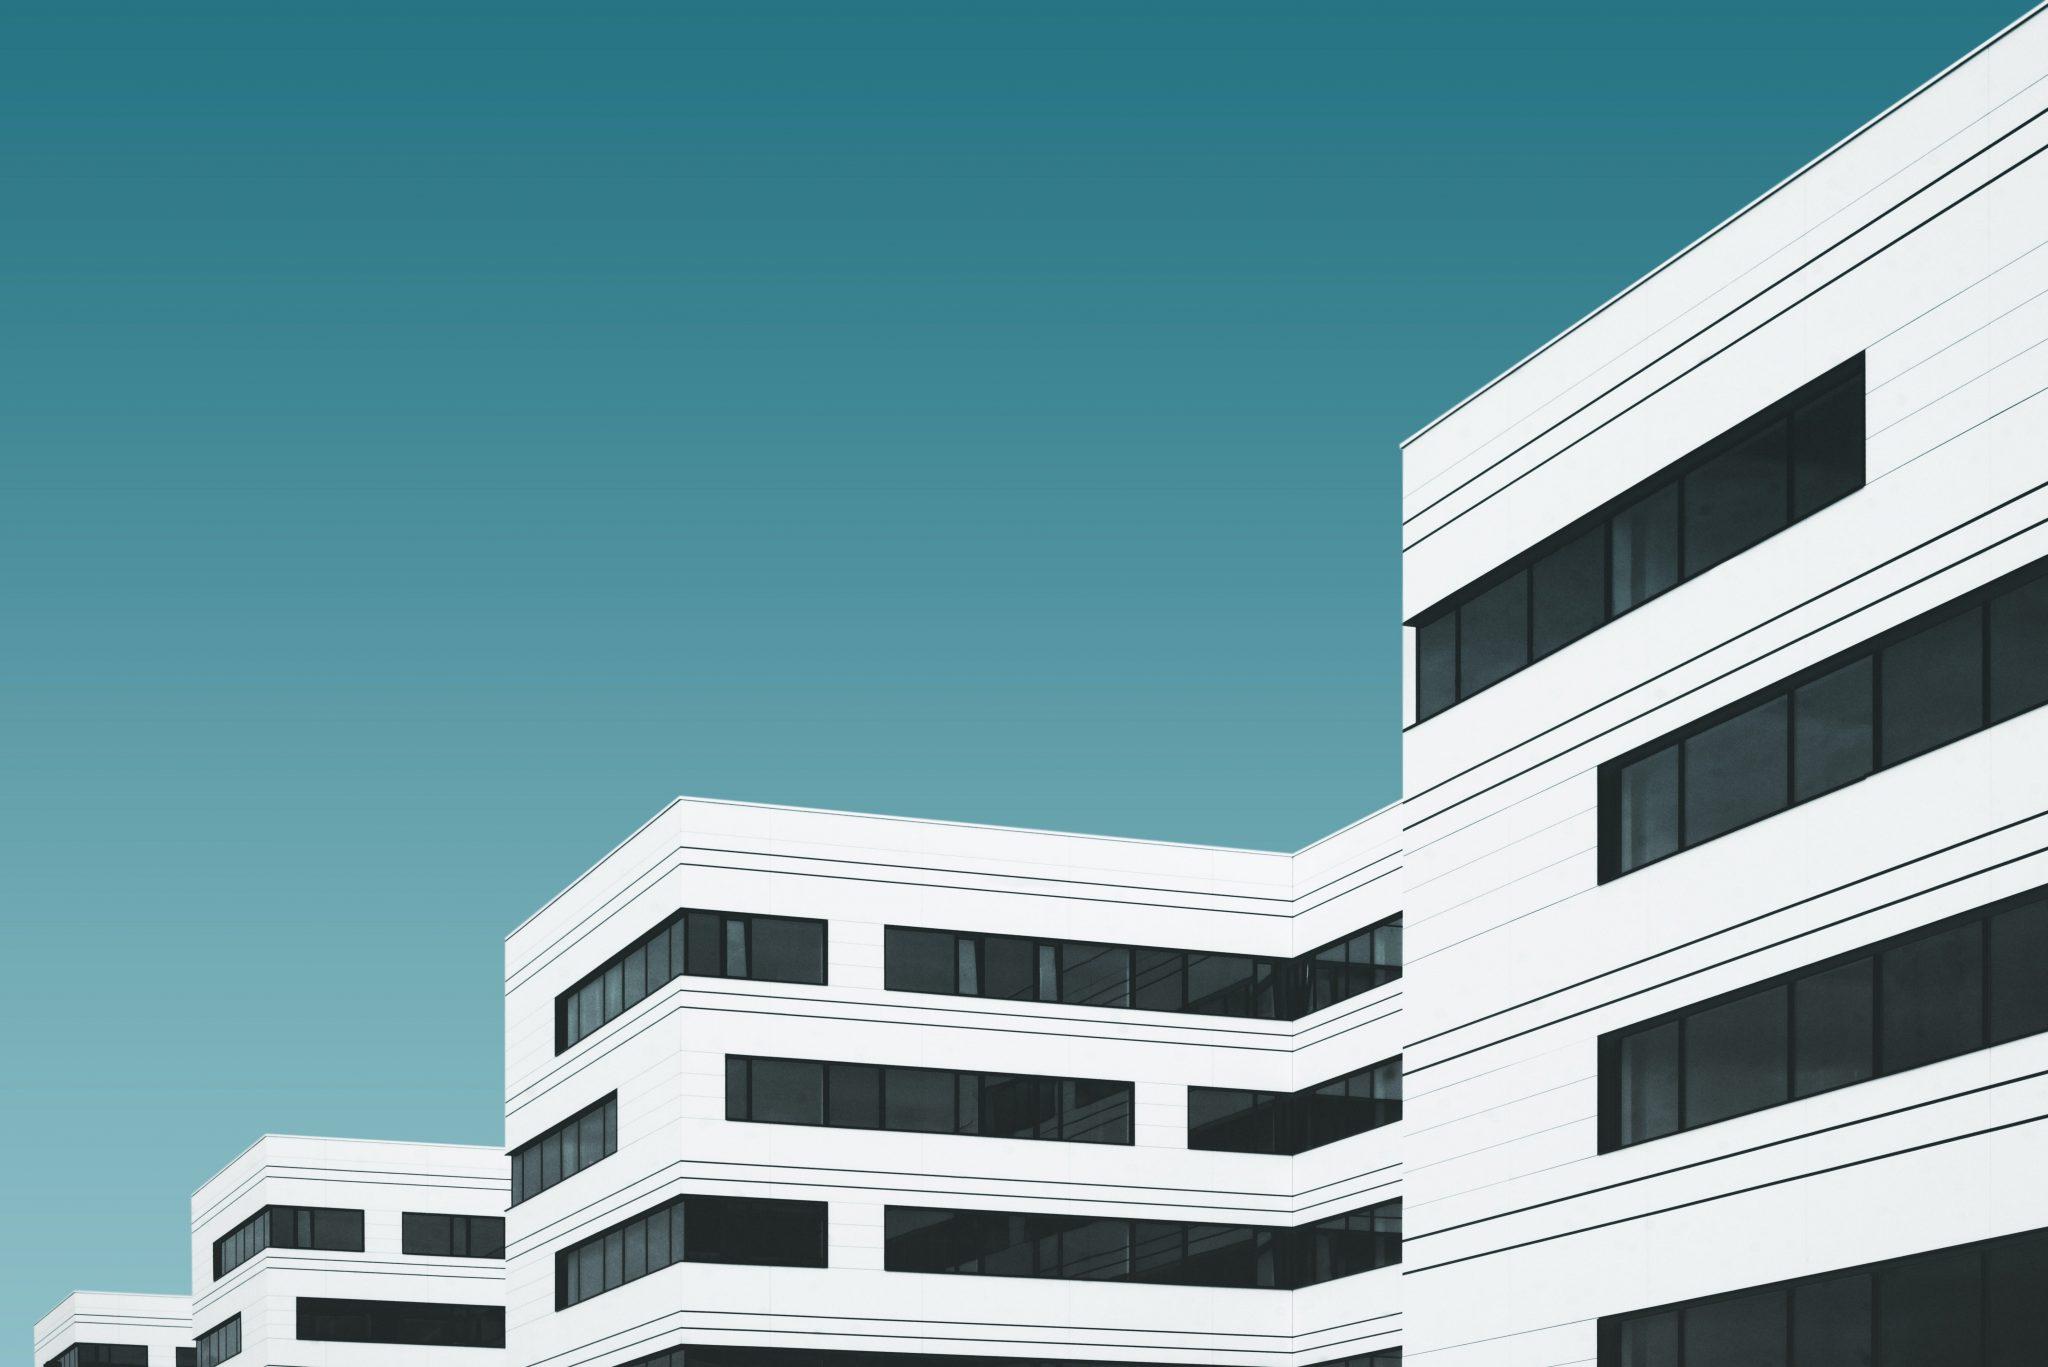 white buildings on blue background, rehab vs. online telehealth